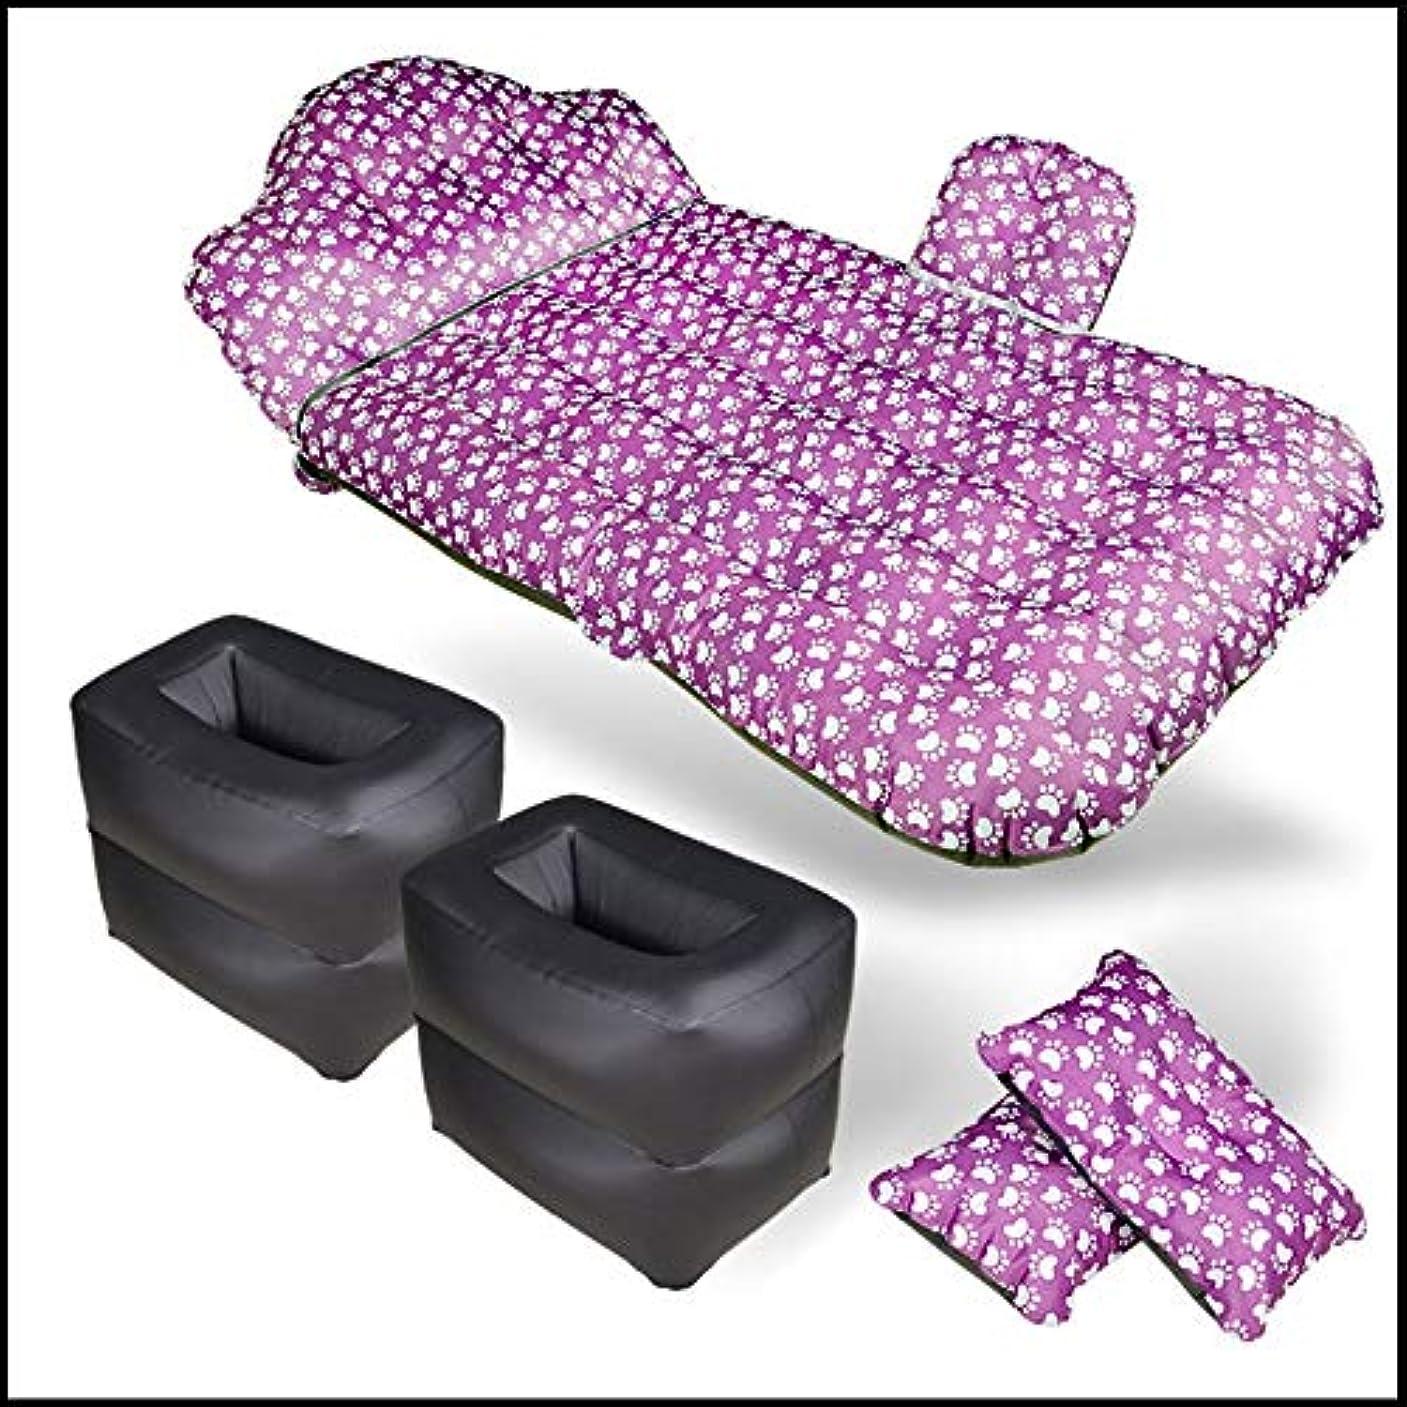 特徴づける粘土広告するZXK 車の自動運転の膨脹可能なベッド。後部屋外トラベルベッド。カーフロッキングエアマットレス。 丈夫 (色 : Multi-colored)